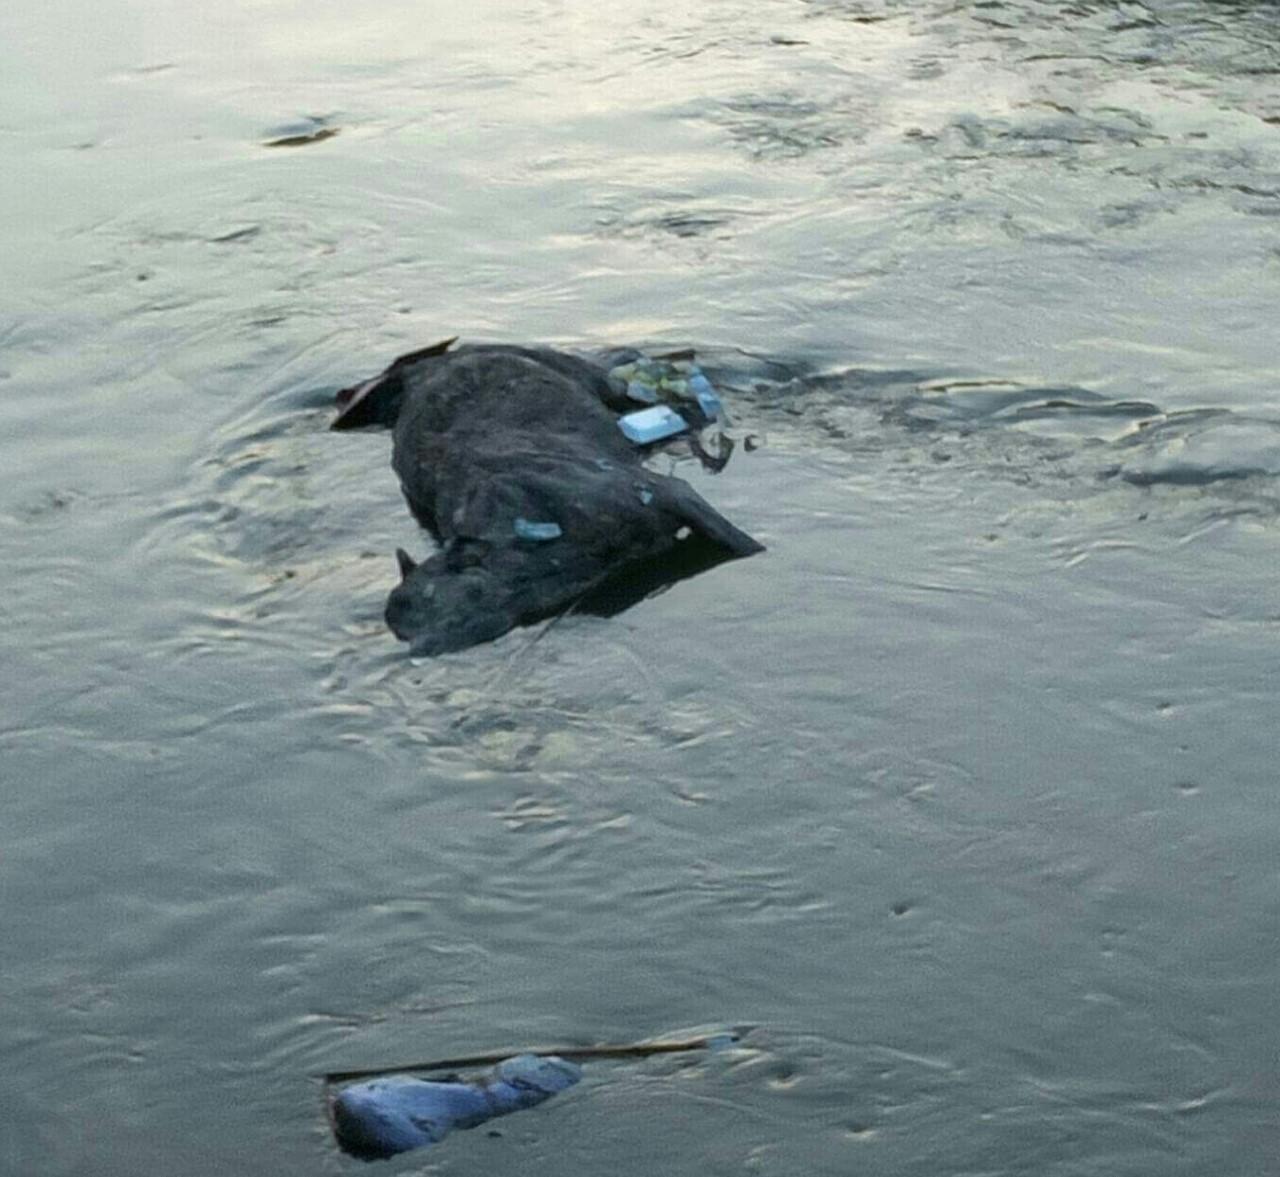 صورة غضب أهالي فاقوس بسبب حيوان نافق ملقى بالبحر